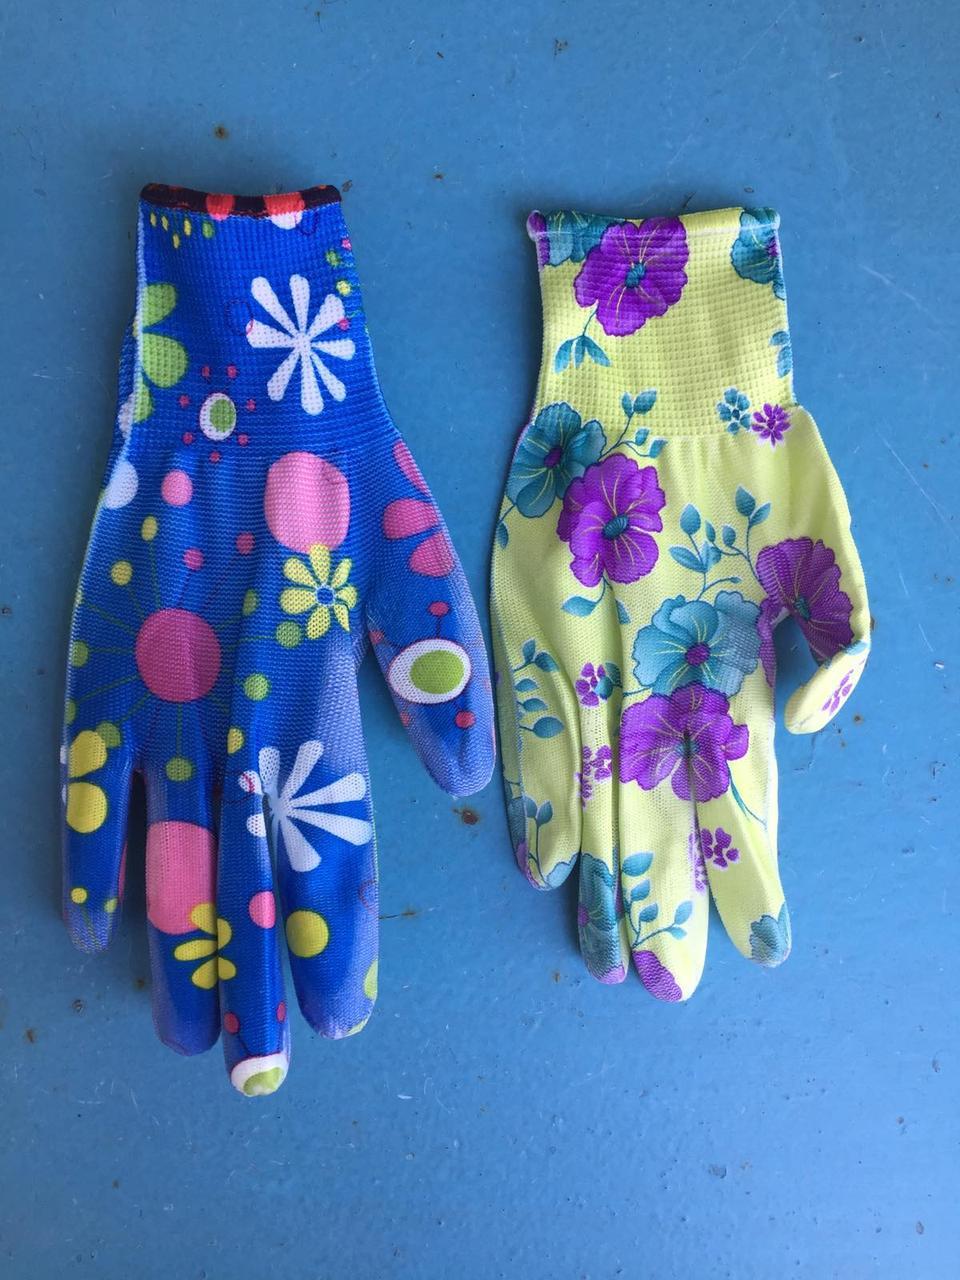 Рукавички садові з поліестеру з нітрильну обливом Перчатки садовые из полиэстера с нитрильным обливом, цветные